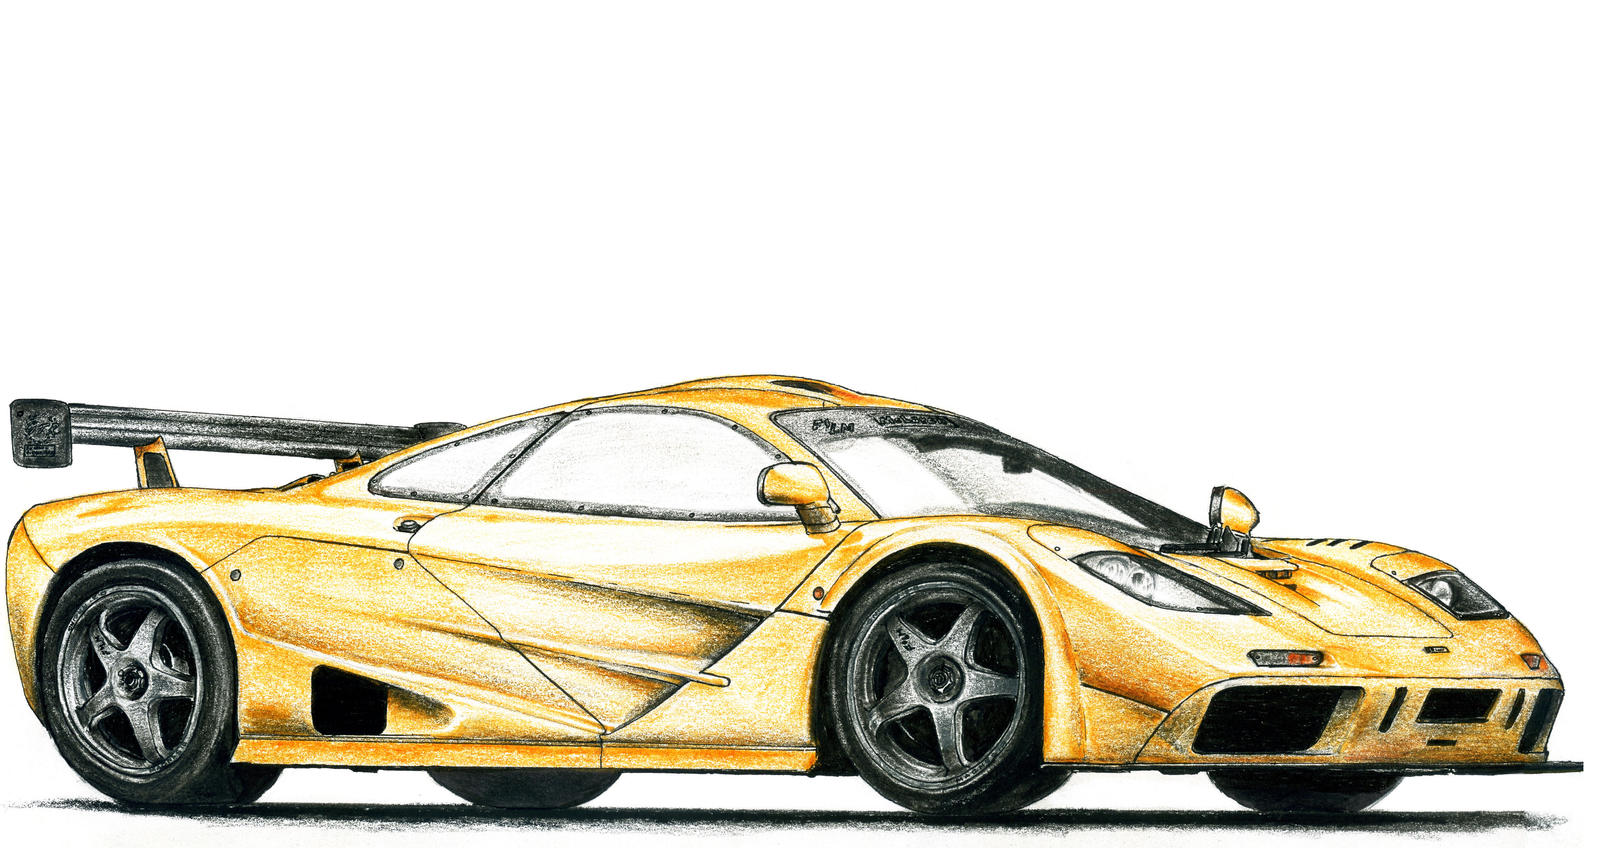 McLaren F1 LM by SL-Cardesign on deviantART